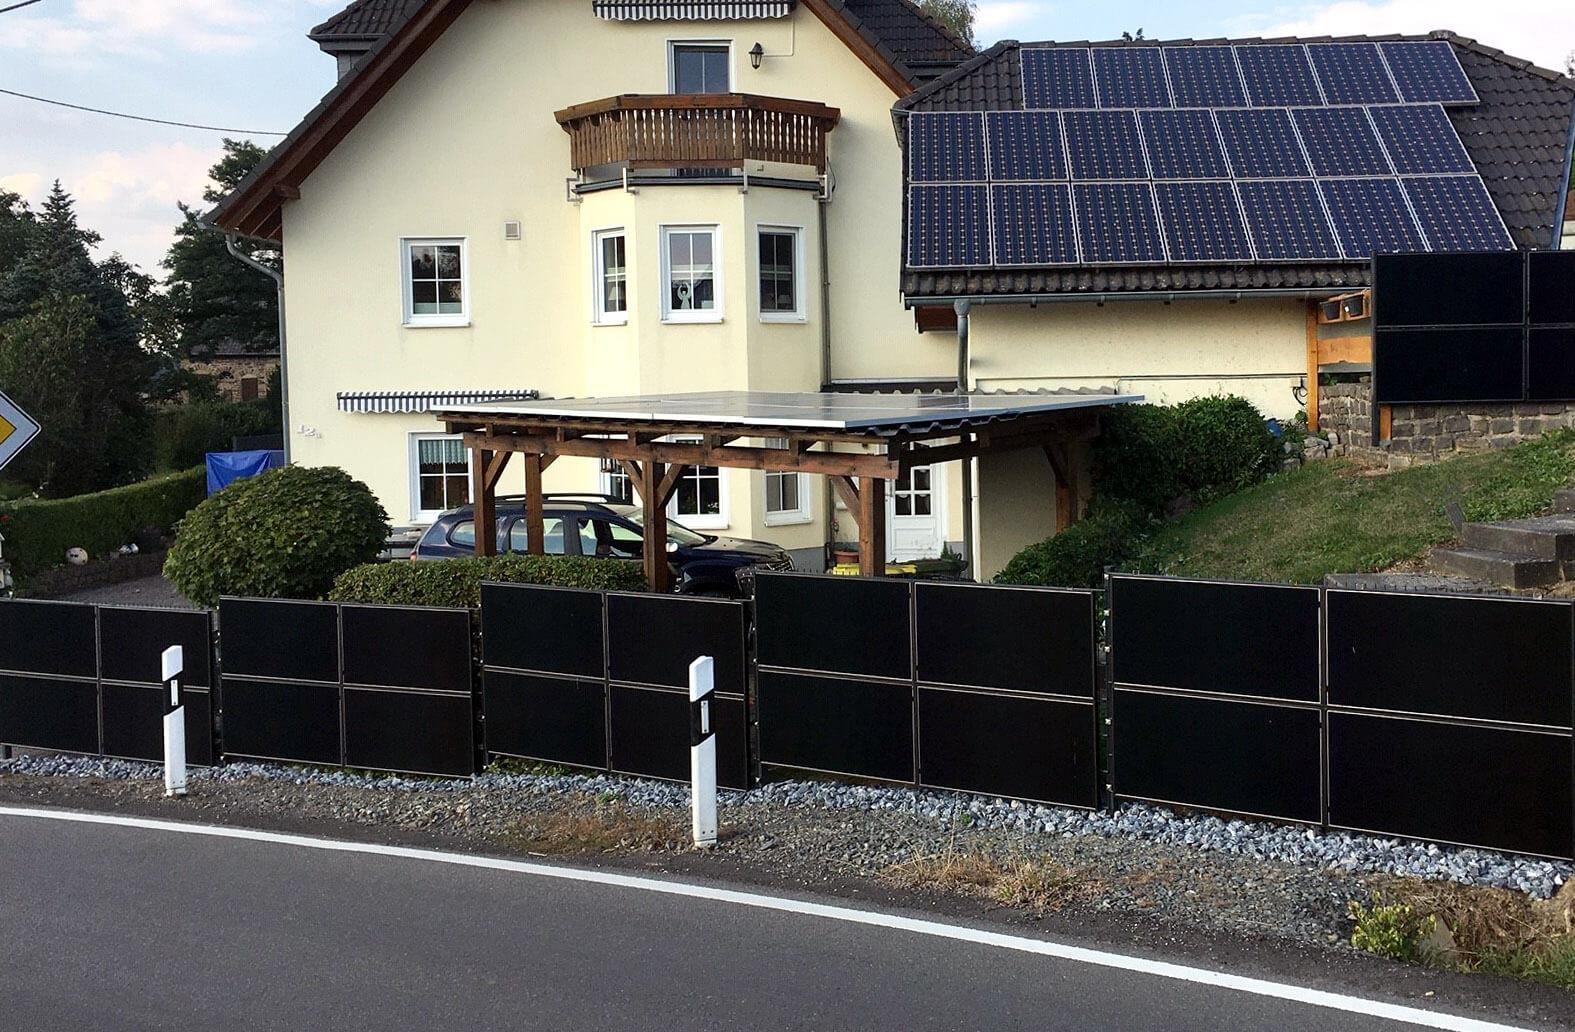 SolarZaun Anlage Typ GSM am Wohnhaus in Lindlar bei Gummersbach